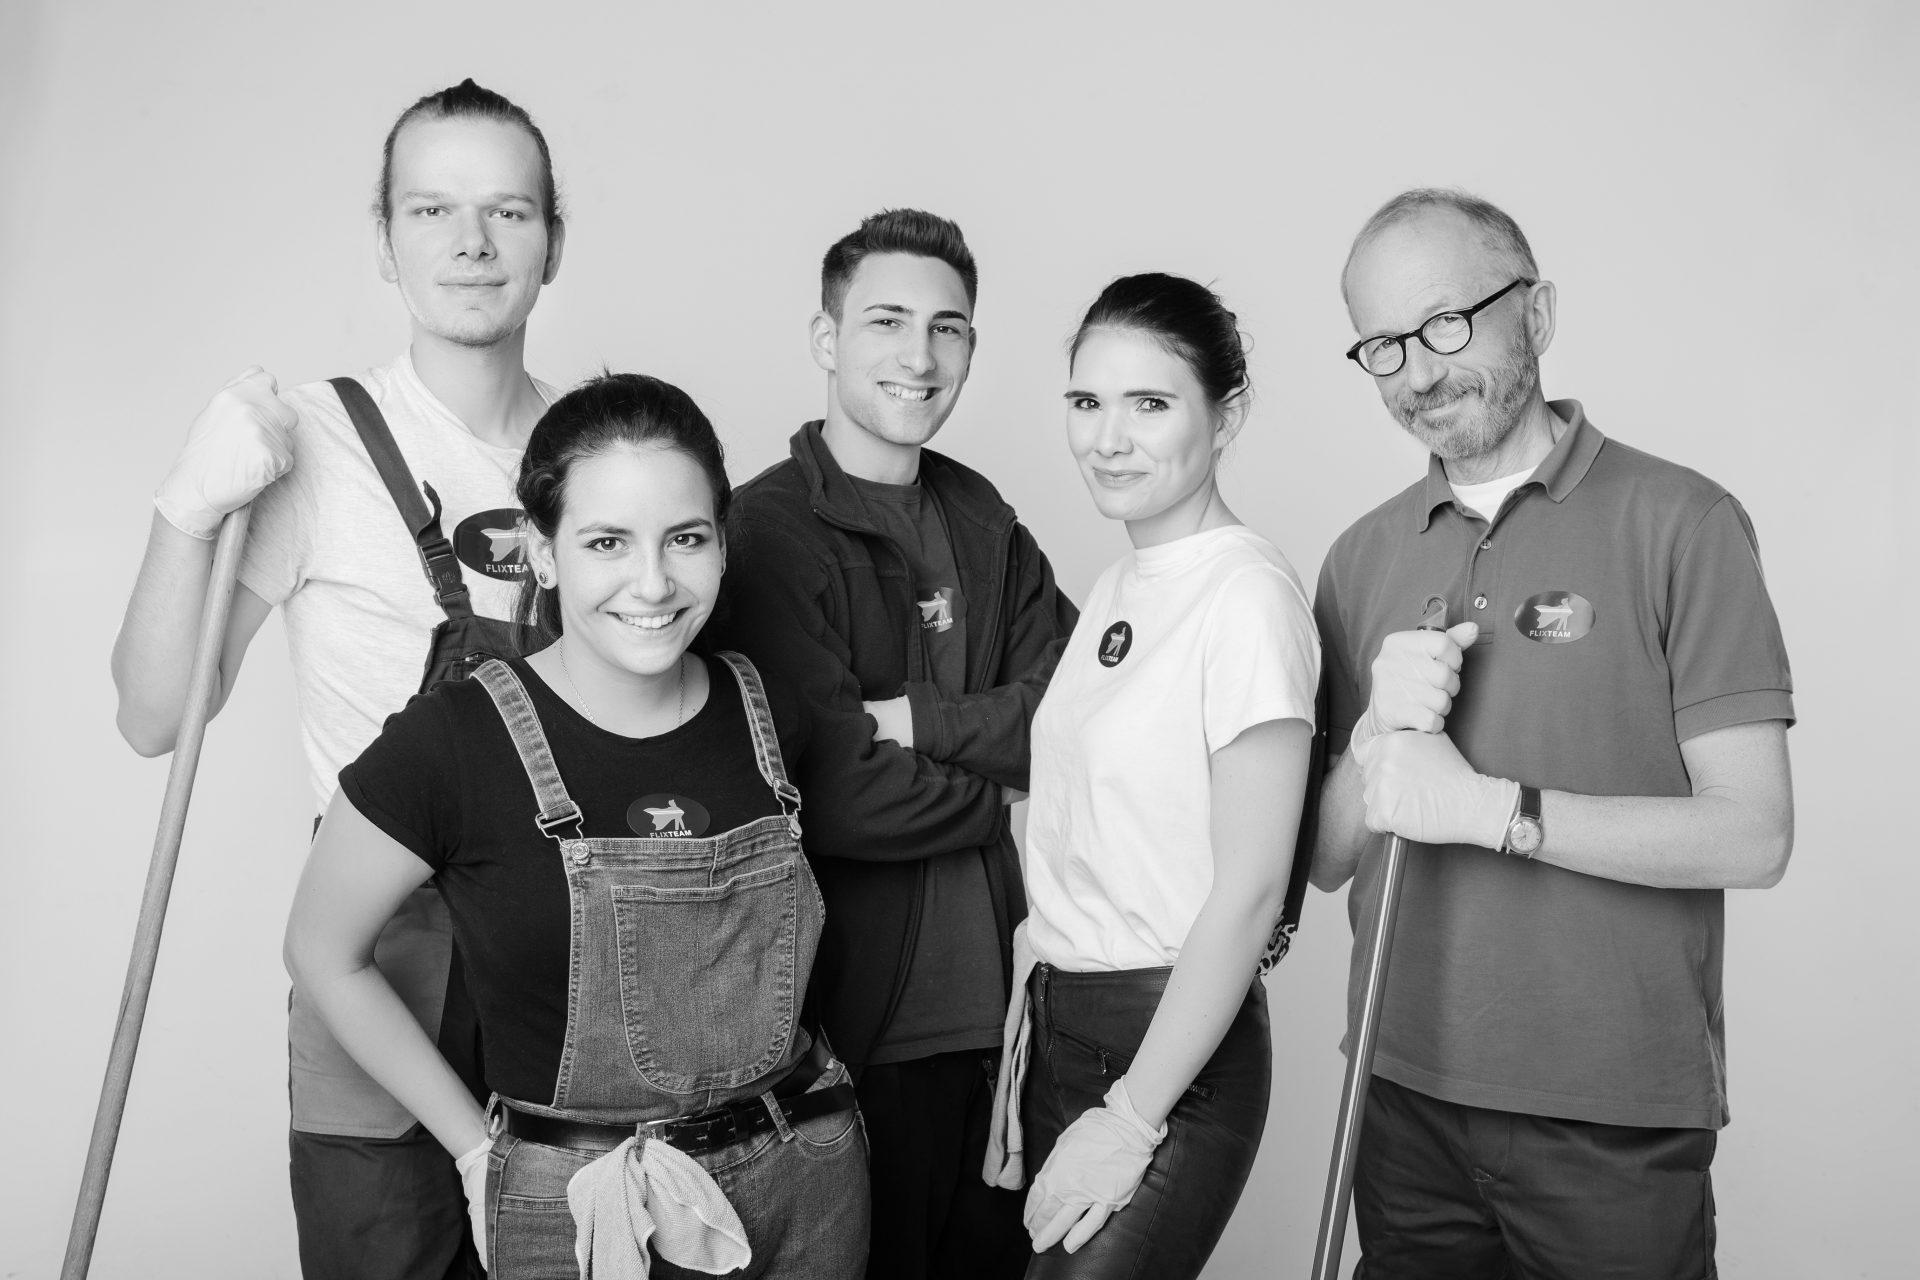 flixteam-nürnberg-diesntleister-gebäudereinigung-personalservice-mehr